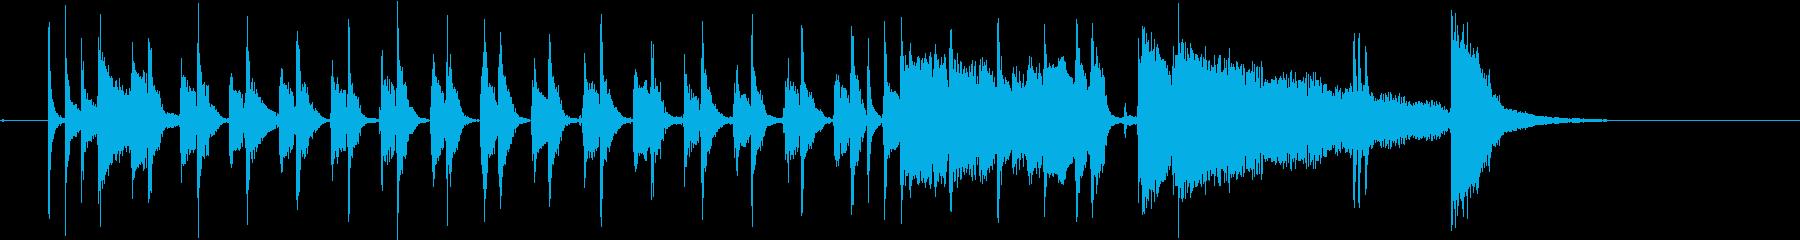 シンプルなブルースの再生済みの波形